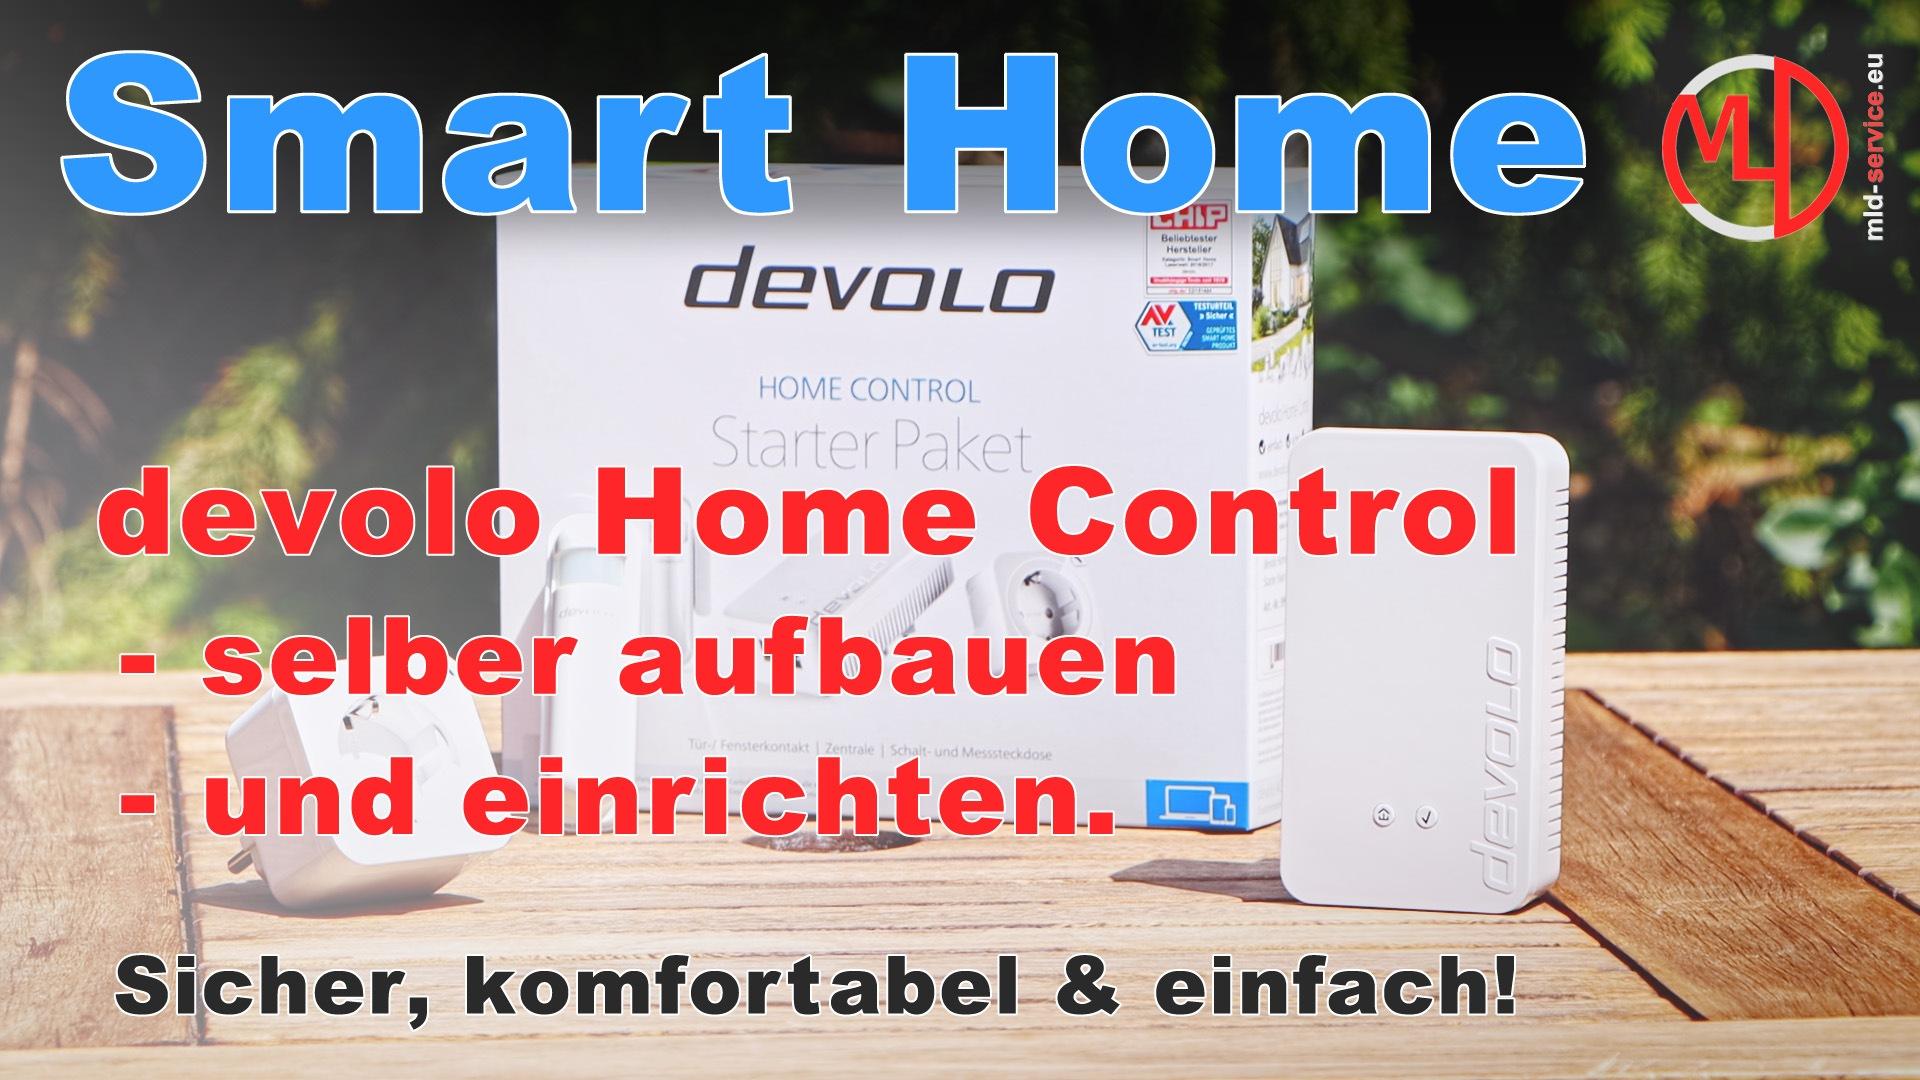 Mit devolo Home Control zum Smart Home